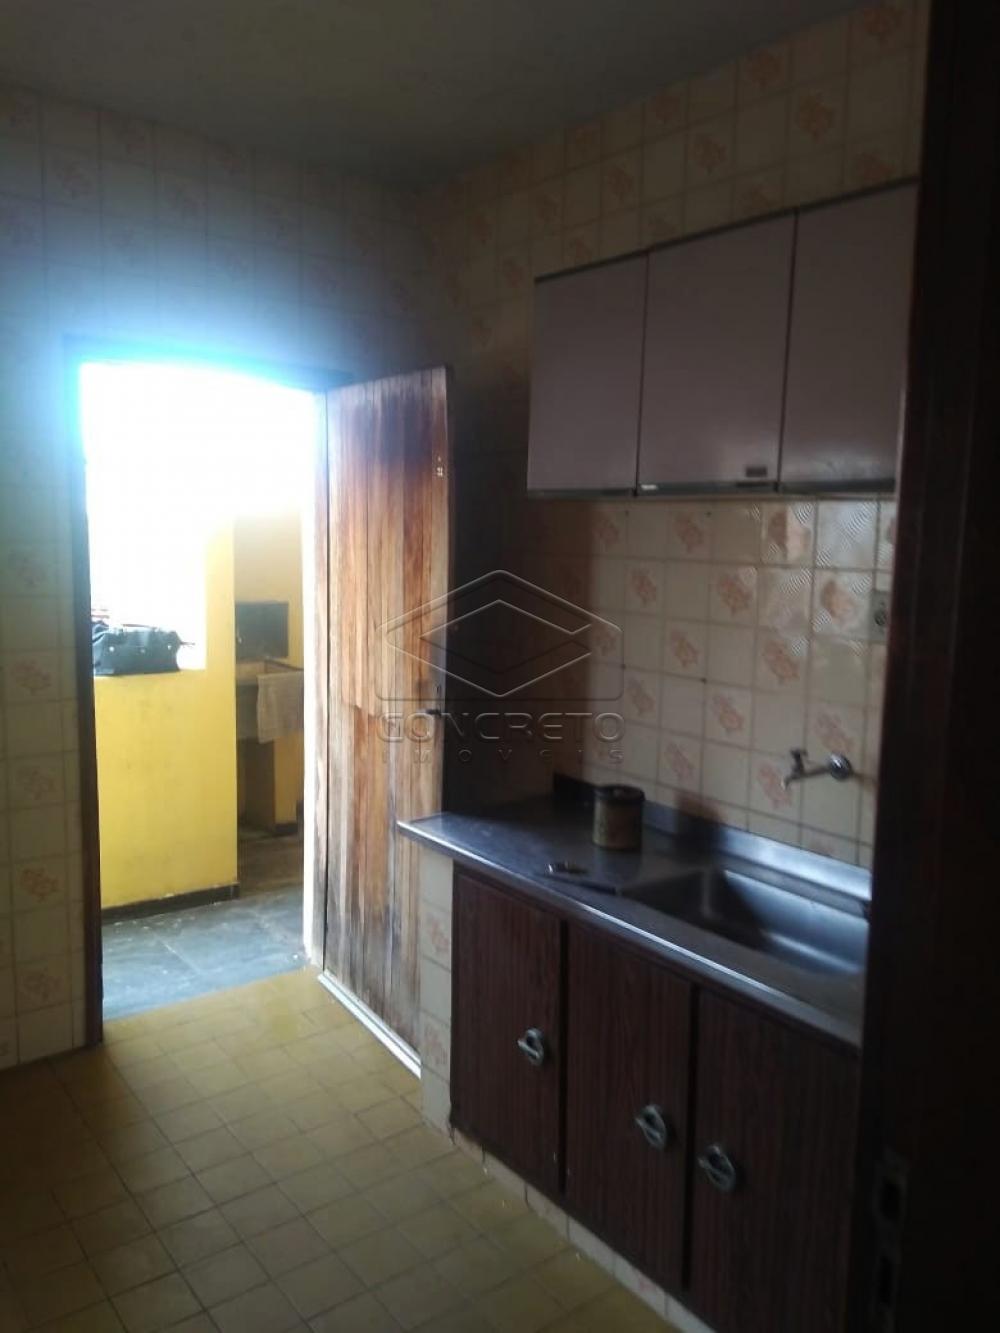 Comprar Casa / Padrão em Sao Manuel apenas R$ 350.000,00 - Foto 6